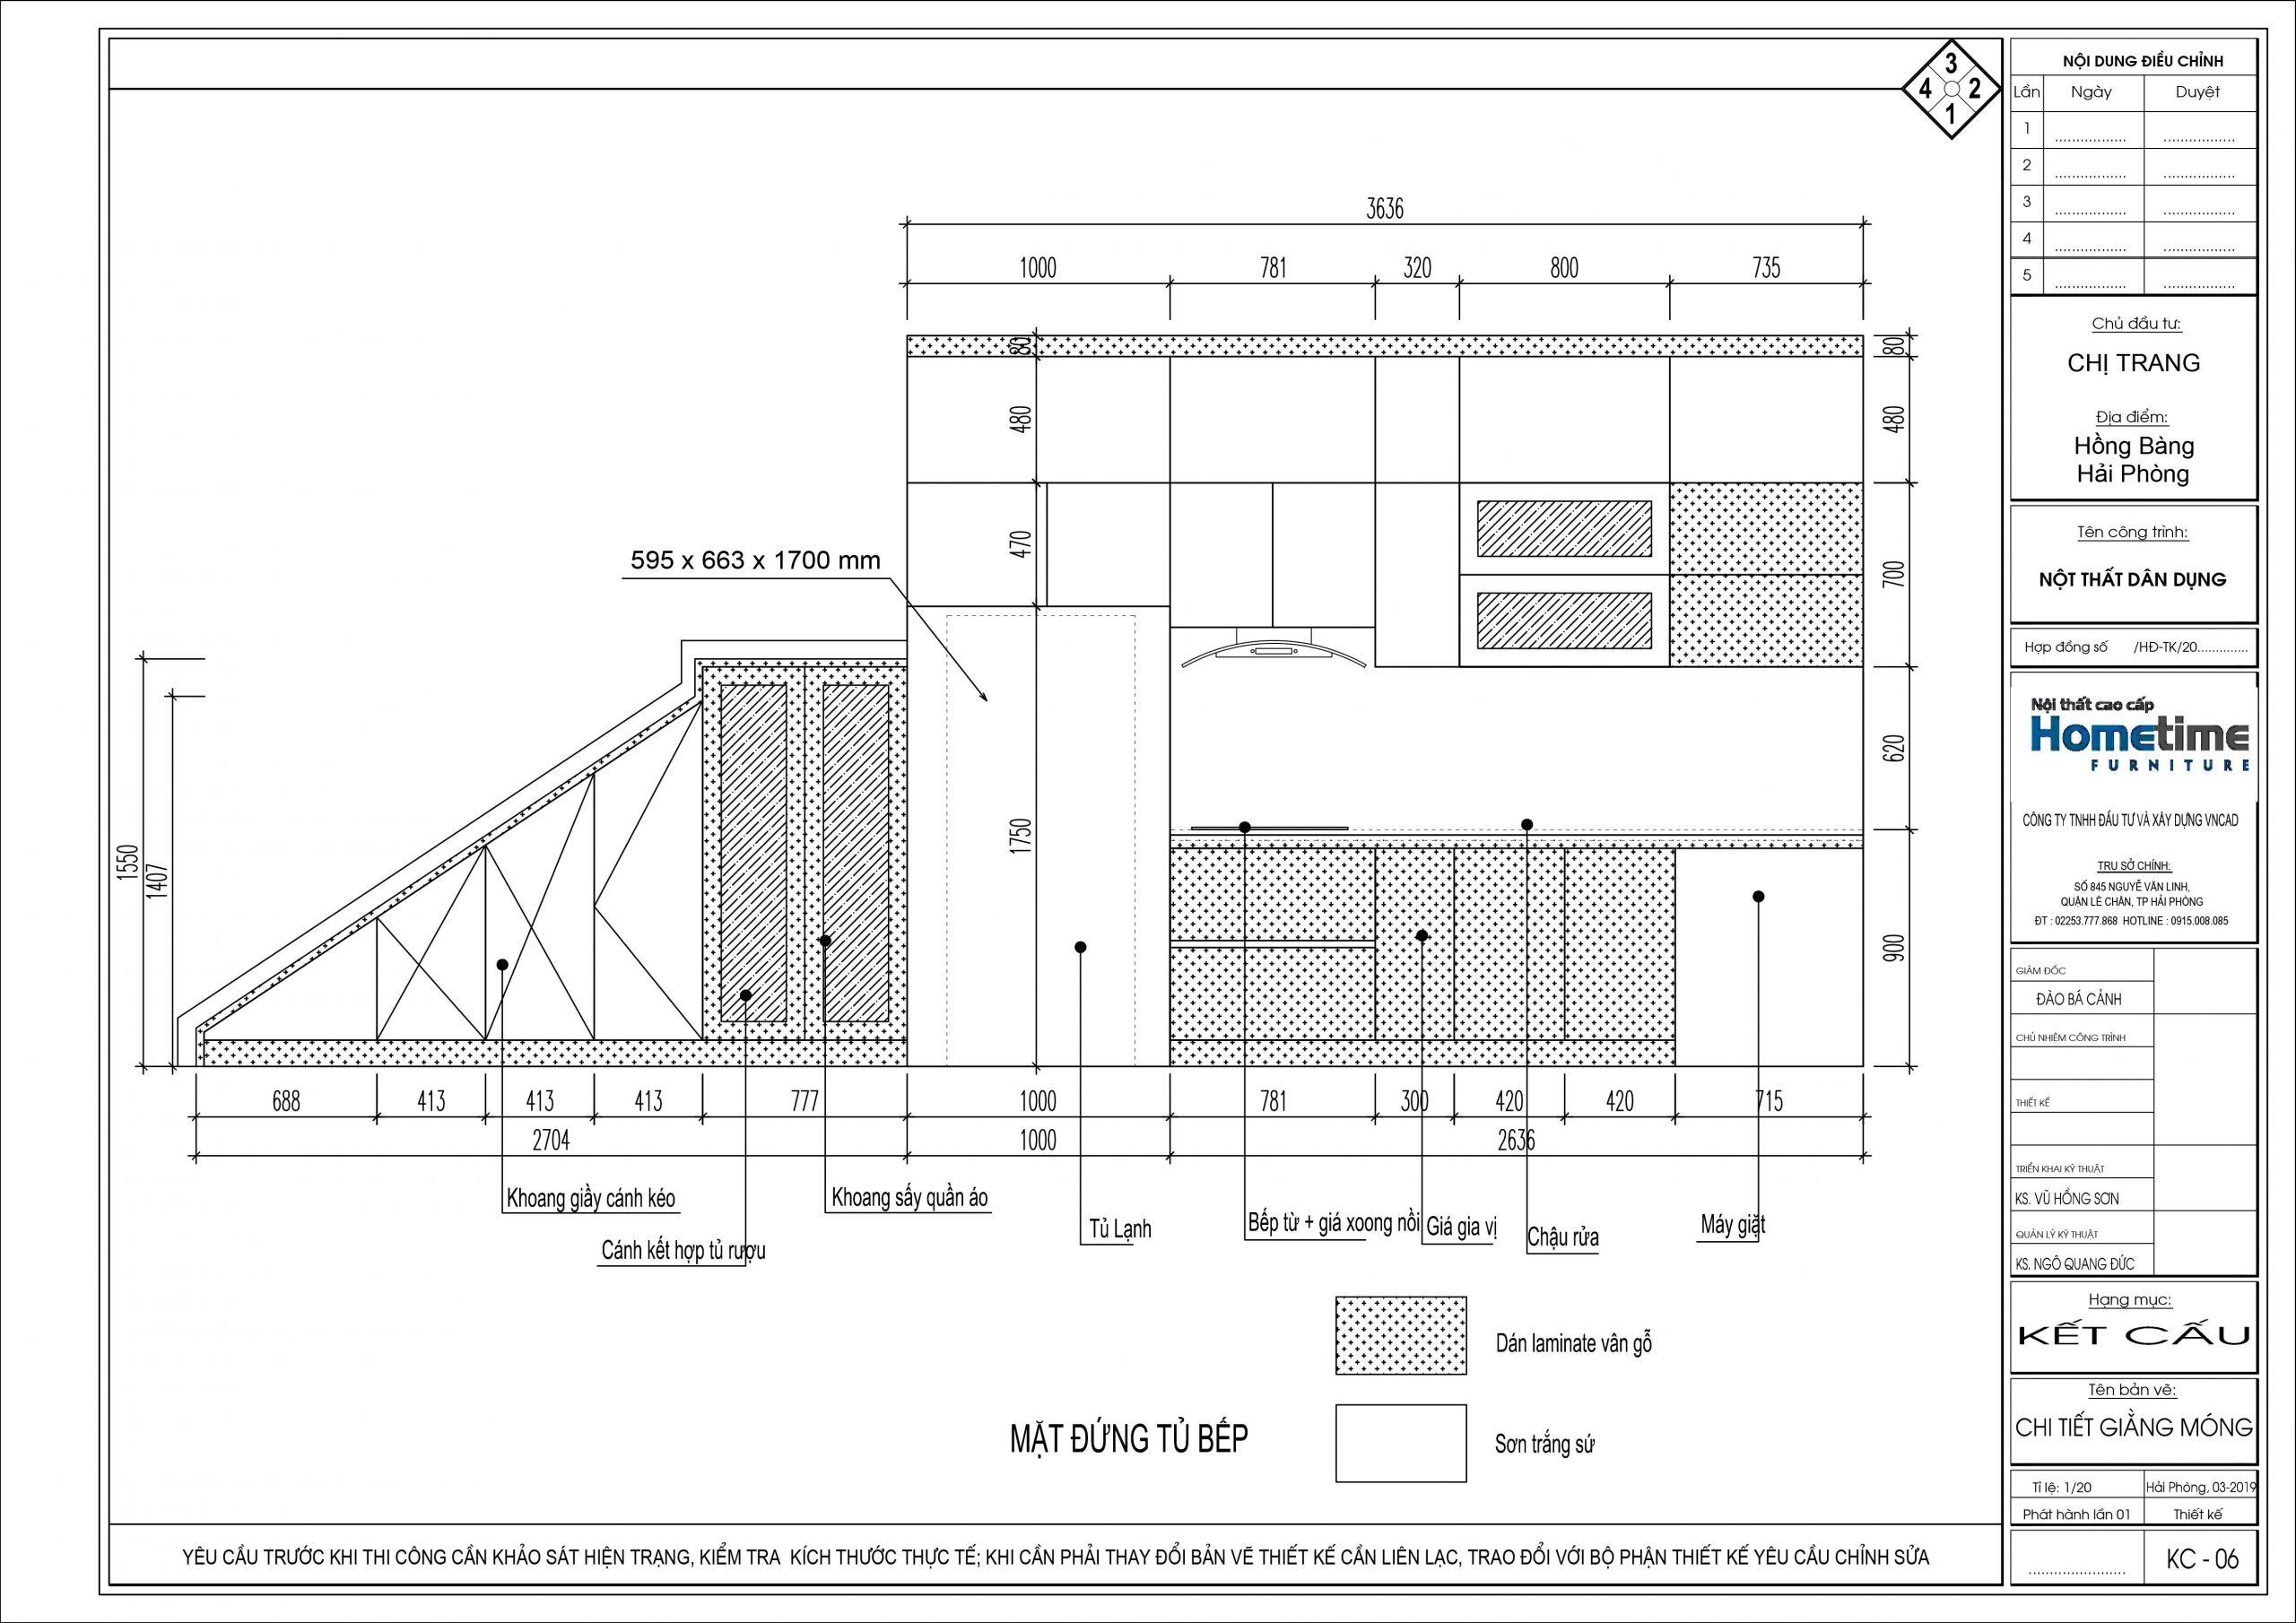 Thiết kế chi tiết nhìn theo mặt đứng của tủ bếp